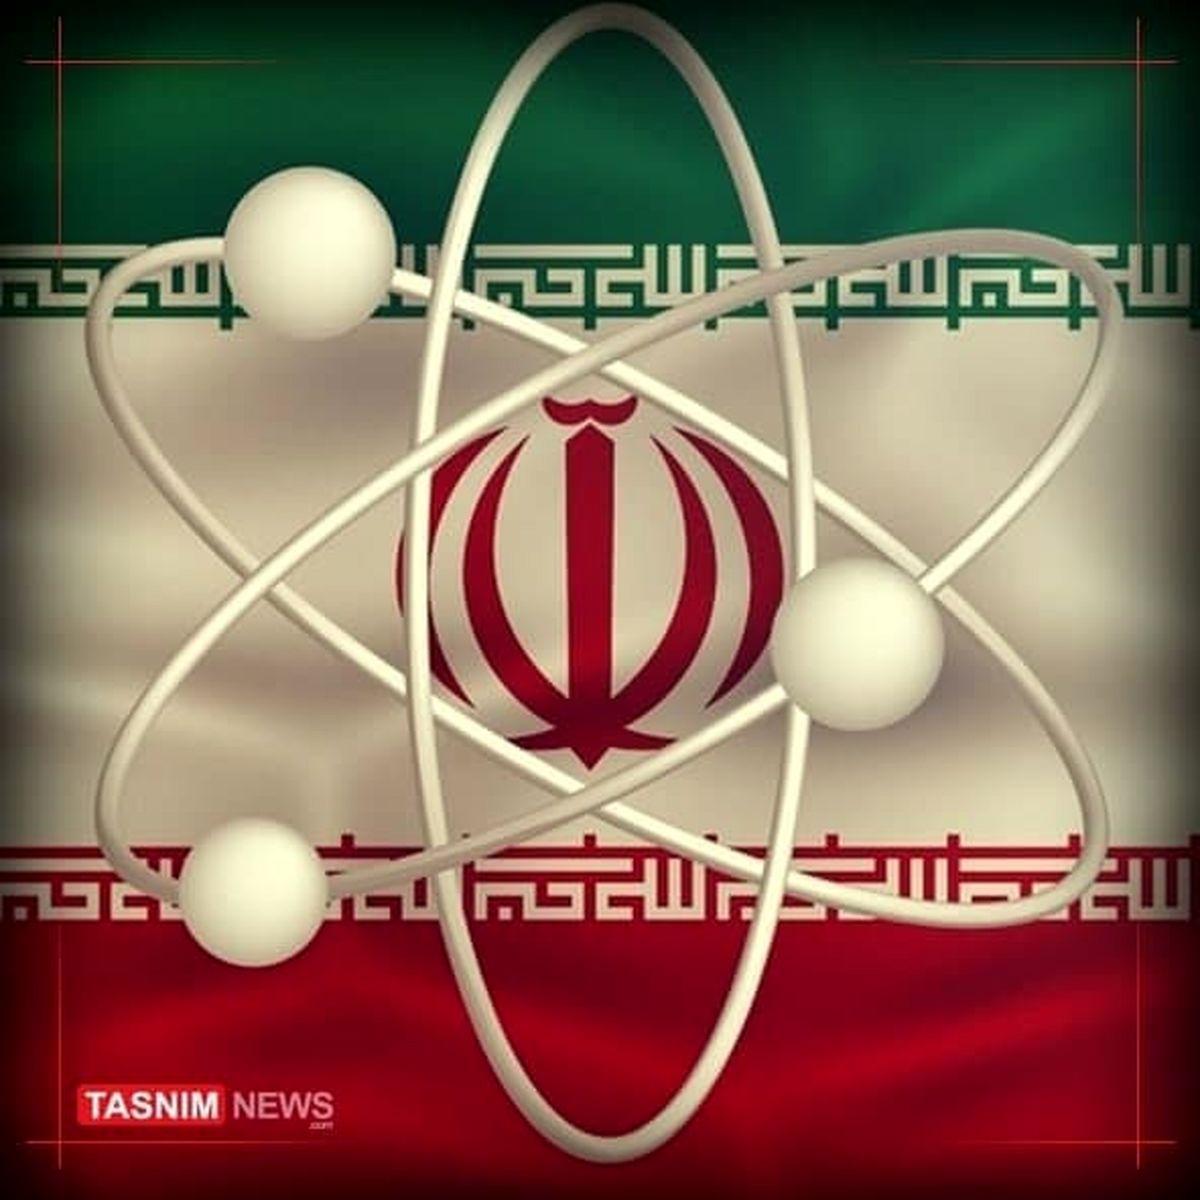 آغاز عملیات روانی جدید هستهای در غرب علیه ایران